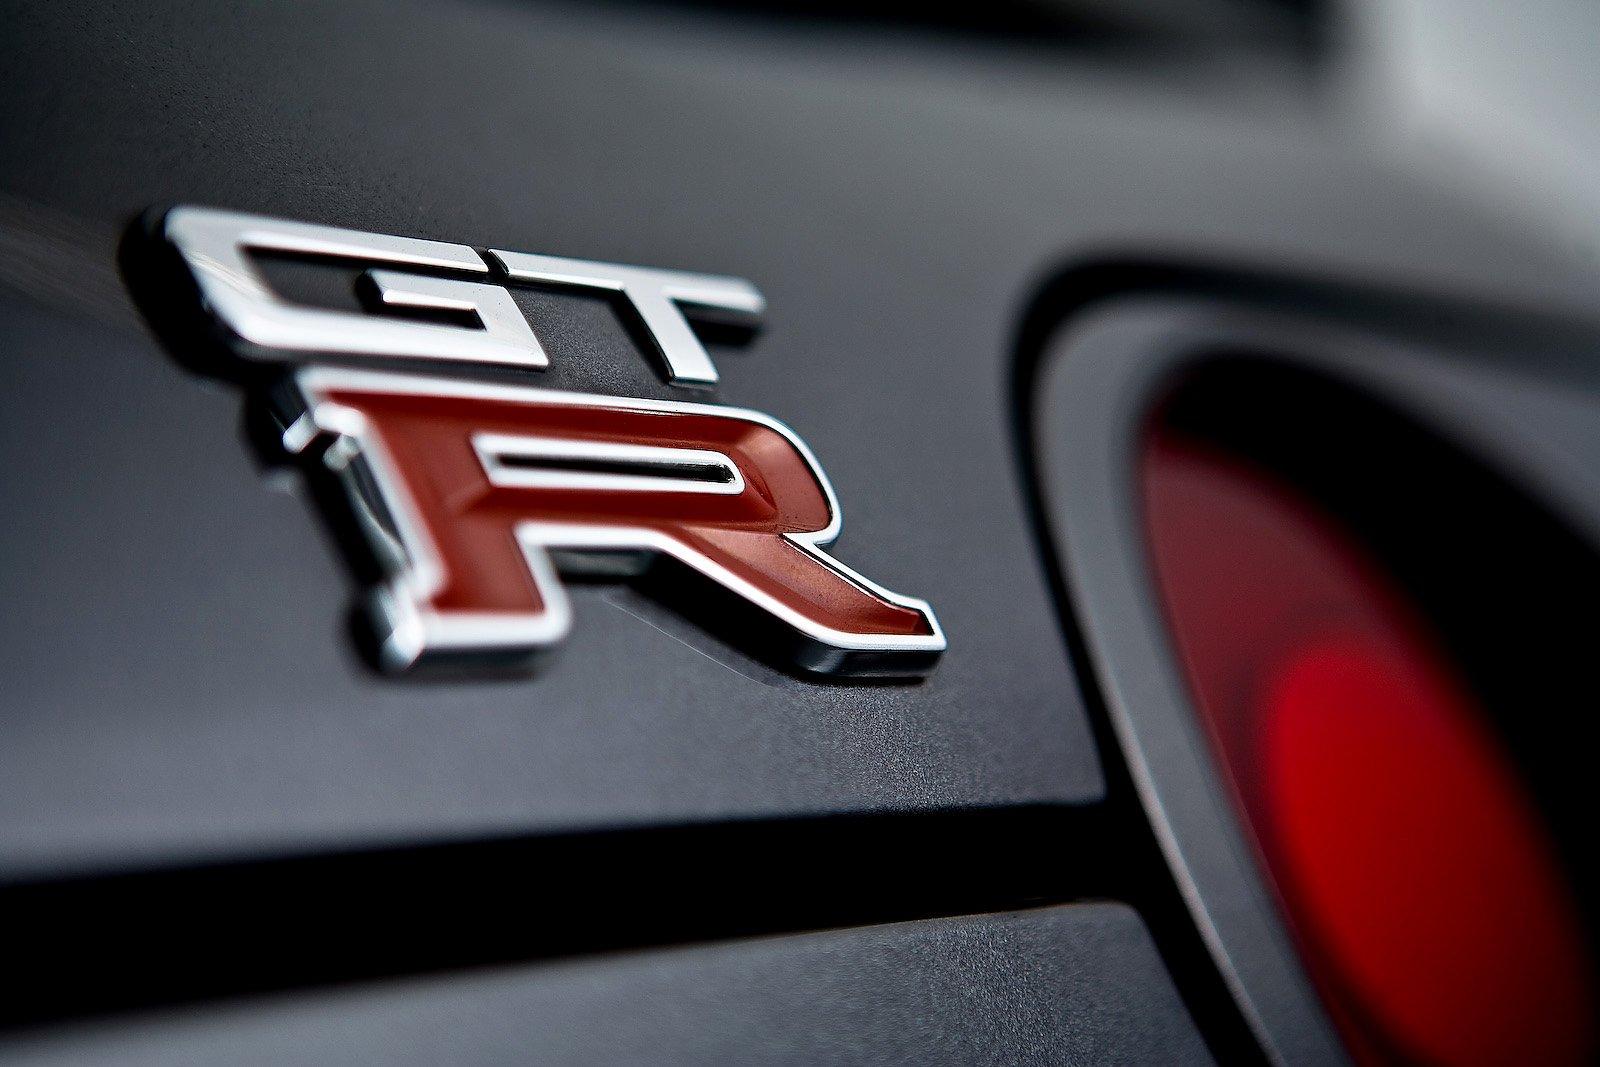 Nissan GT-R back logo Wallpaper wallpaper   1600x1067   760022   WallpaperUP